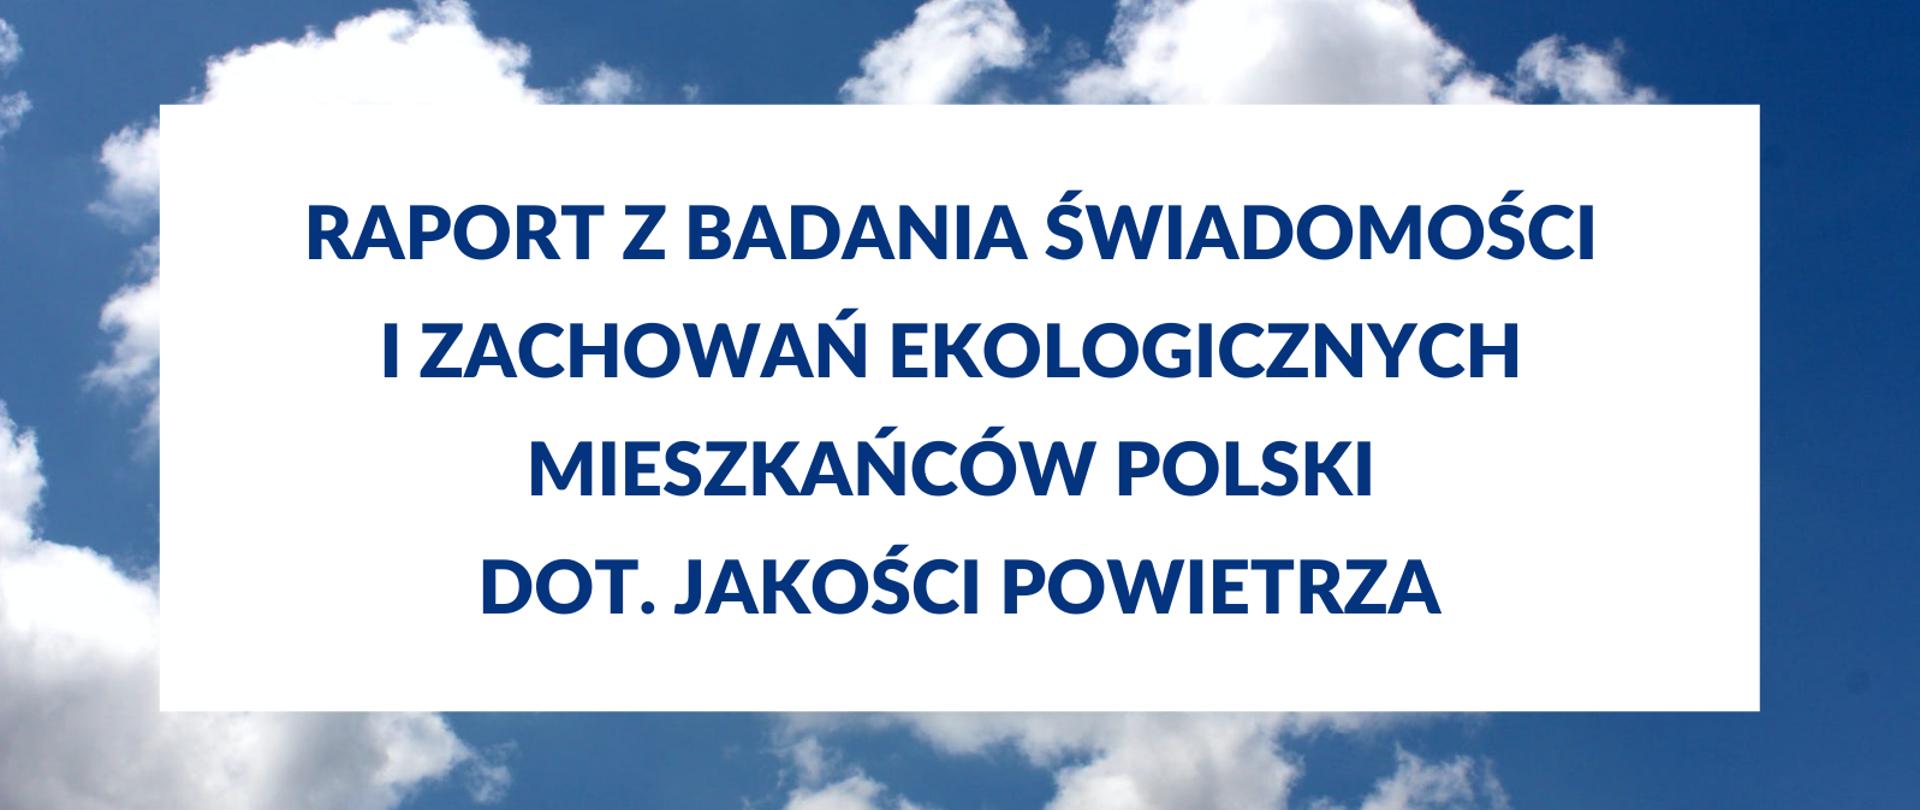 Mieszkańcy Polski gotowi działać na rzecz jakości powietrza